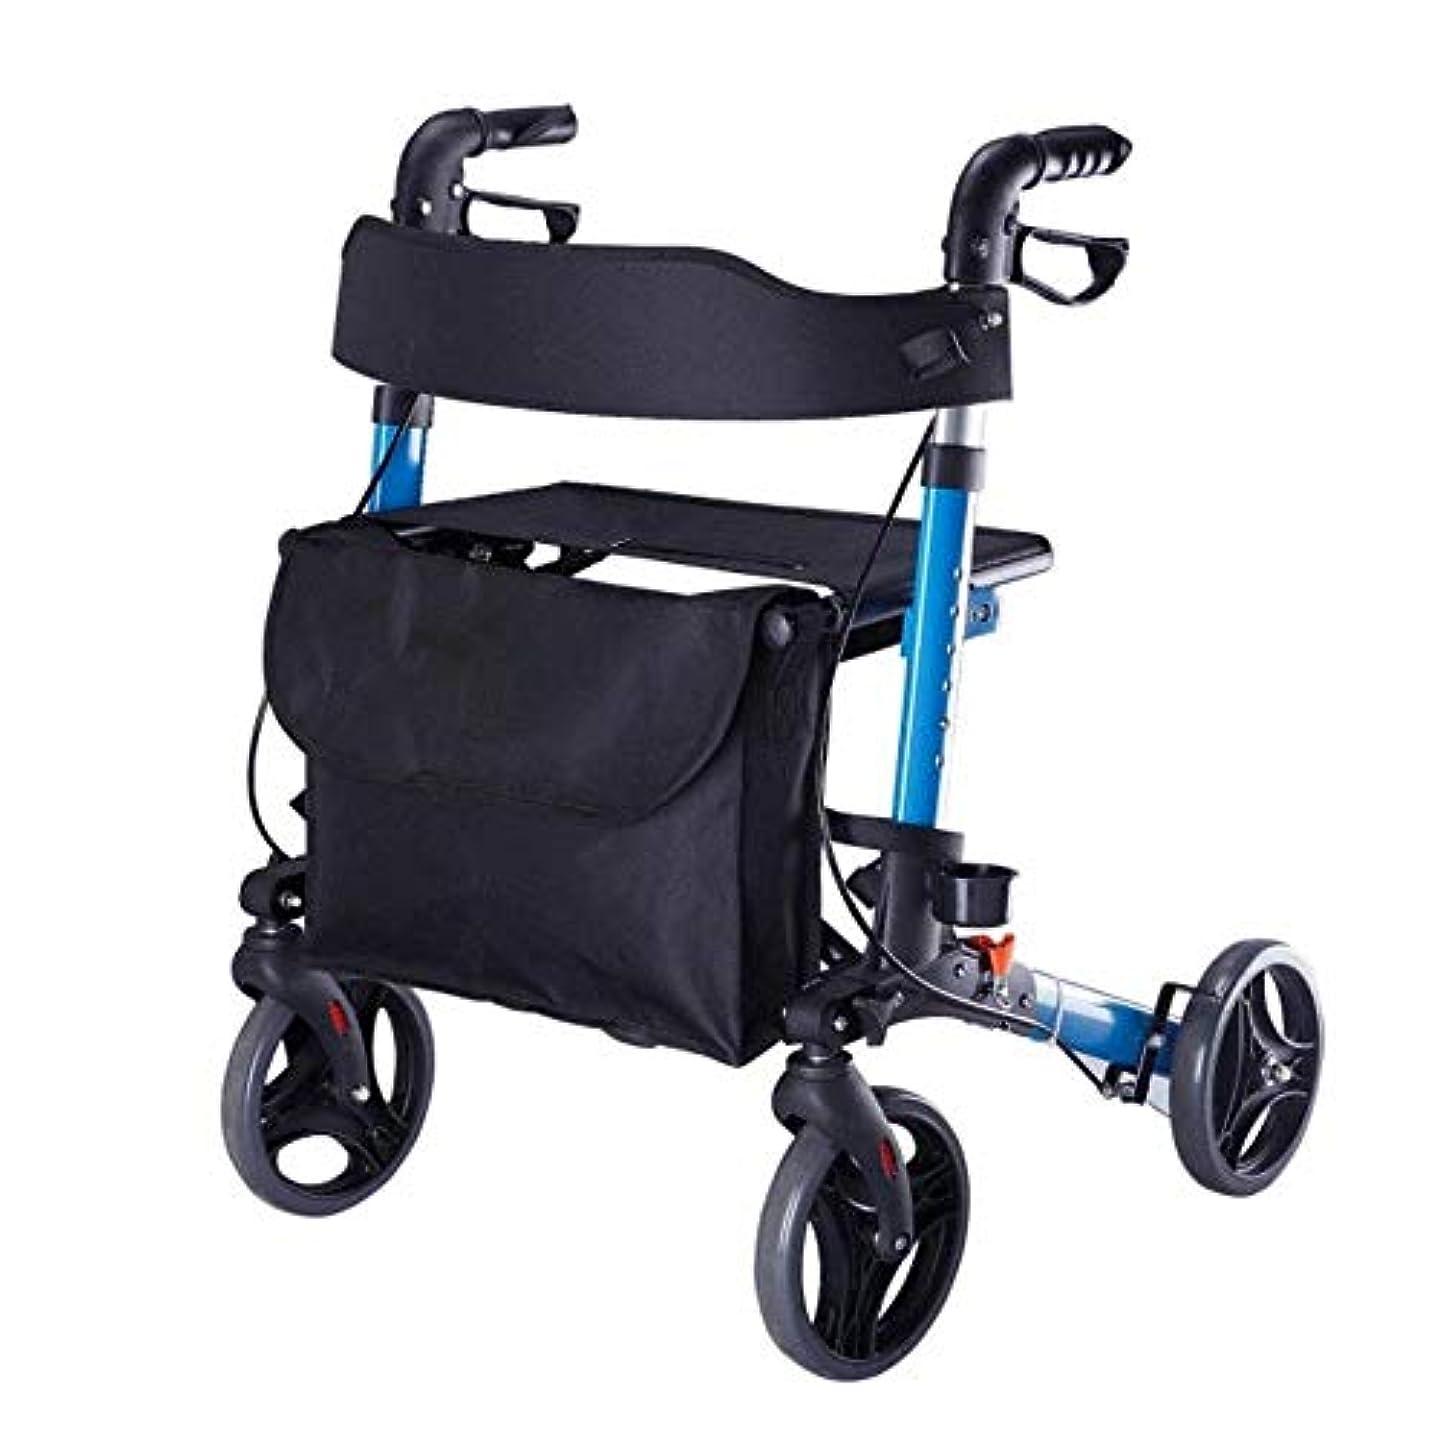 共役気づかない抜け目がない滑車が付いている歩行補助装置、より古いおよび傷つけられたのための多機能の年配の歩行者のアルミ合金の歩行者 (Color : 黒)